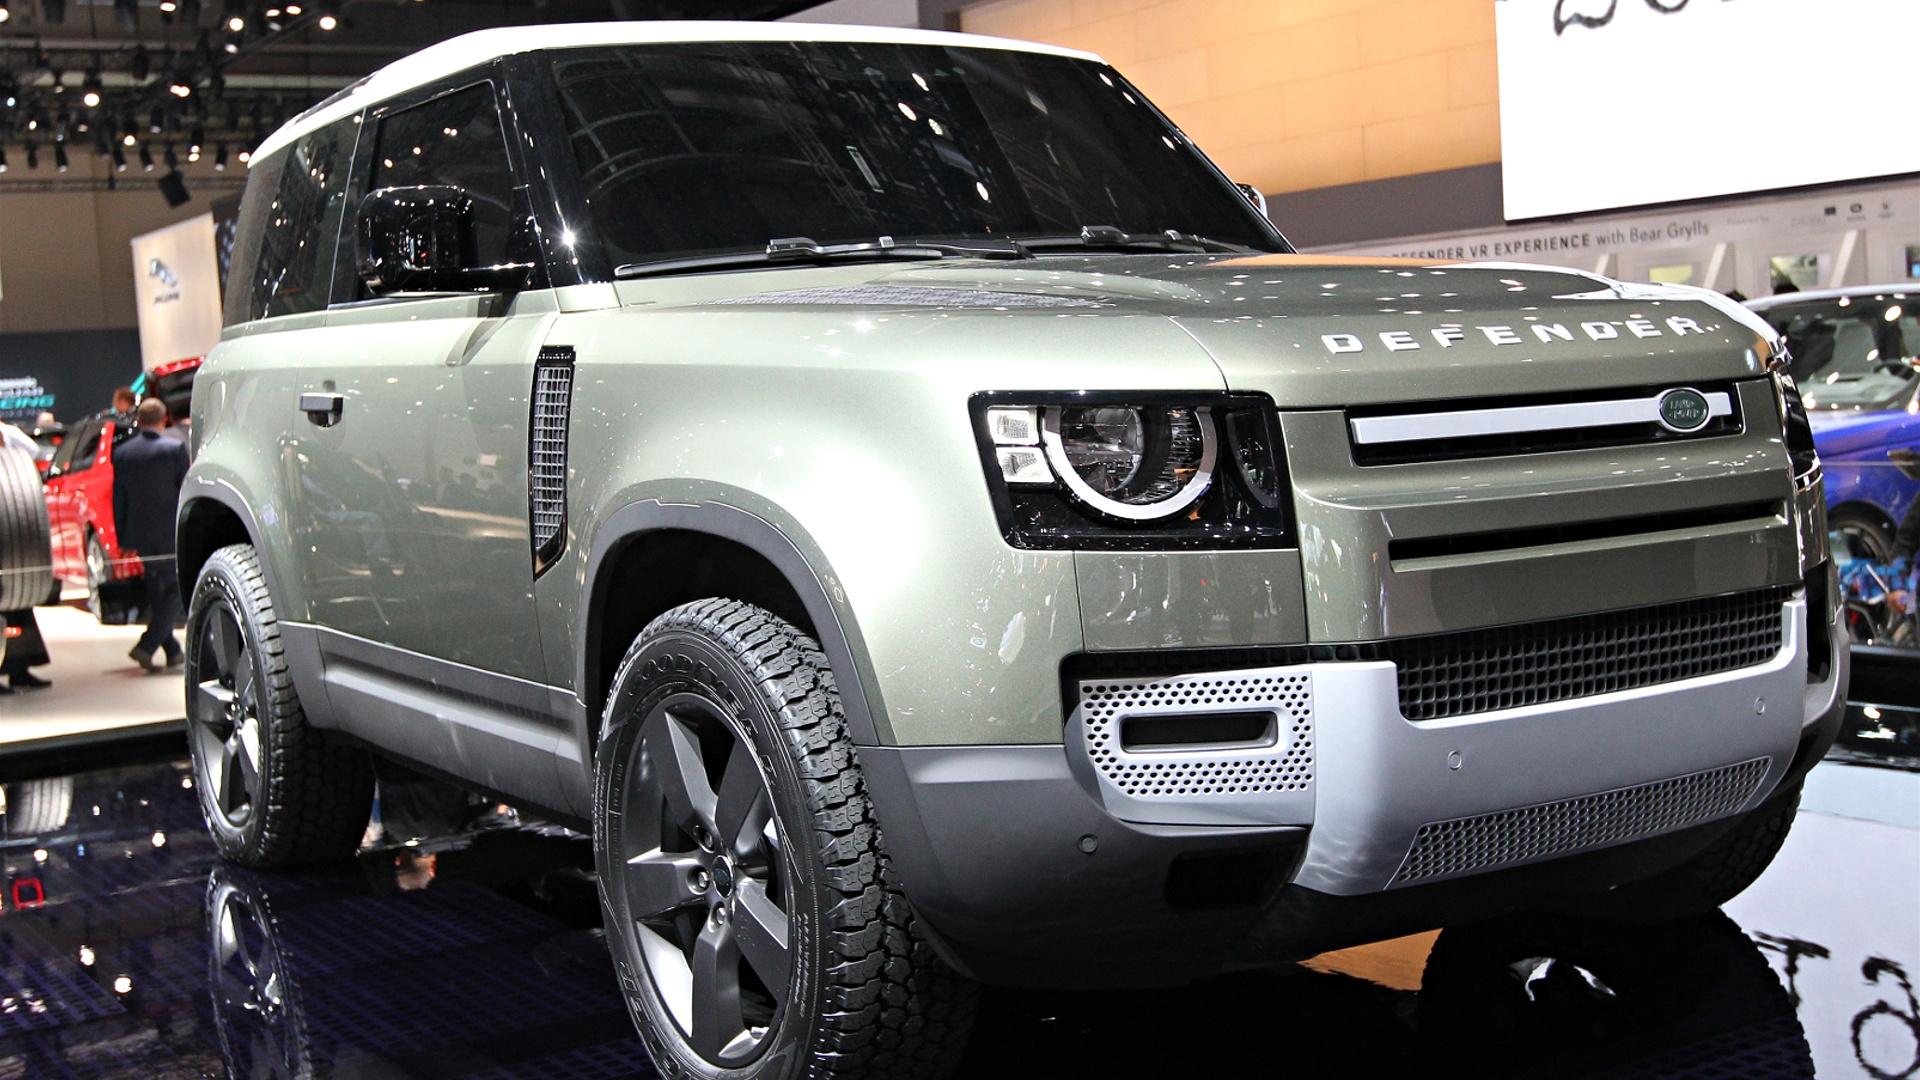 Мотор-шоу во Франкфурте: легендарный Land Rover Defender вернулся в новом облике